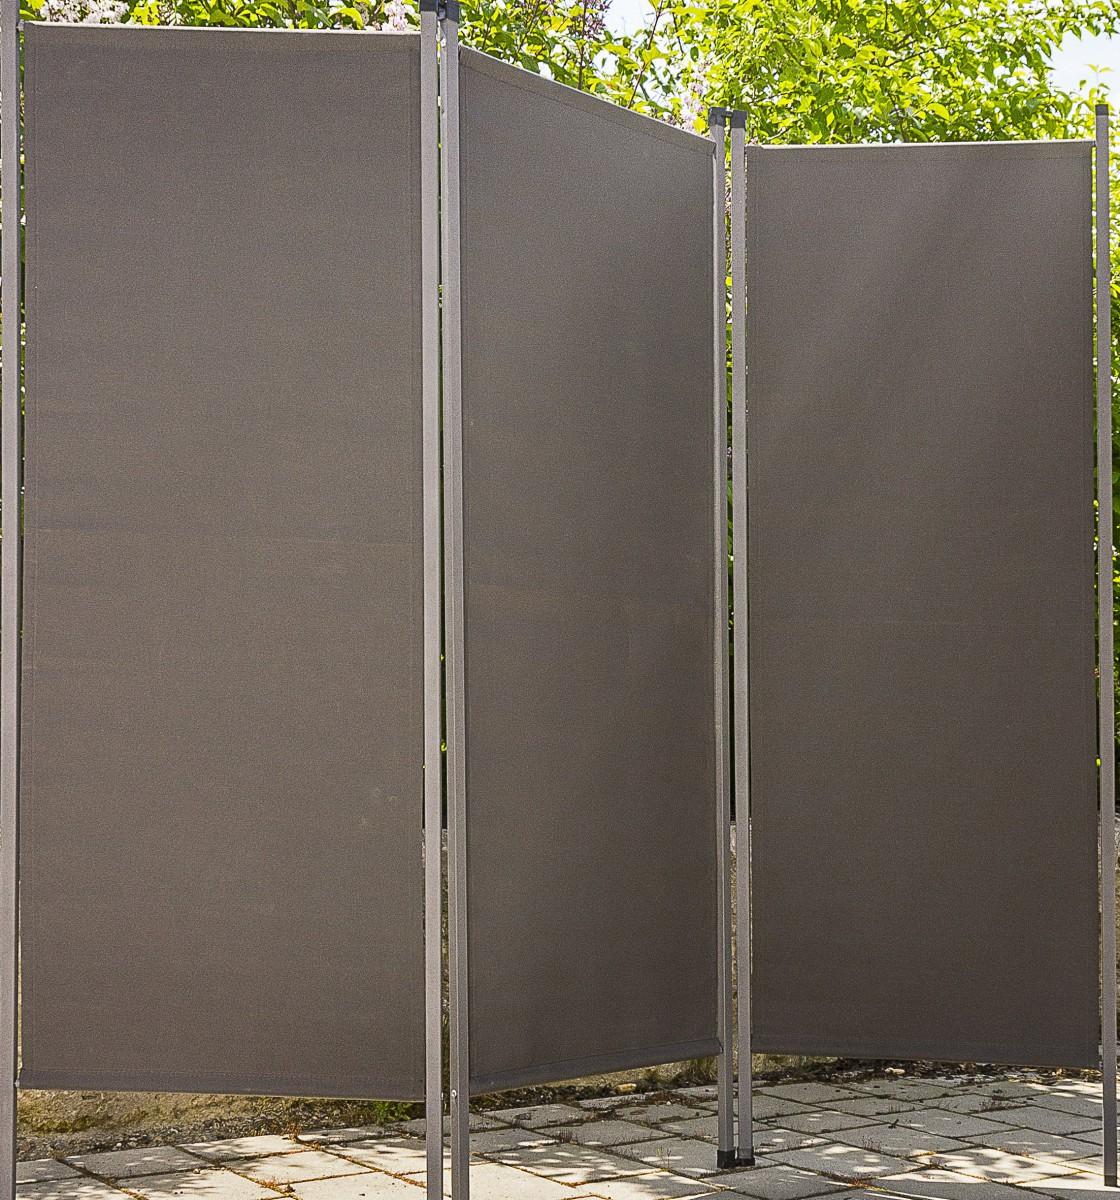 Full Size of Paravent Outdoor Glas Polyrattan Holz Amazon Metall Ikea Bambus Garten Balkon Anthrazit Stoff Sichtschutz Windschutz Küche Edelstahl Kaufen Wohnzimmer Paravent Outdoor